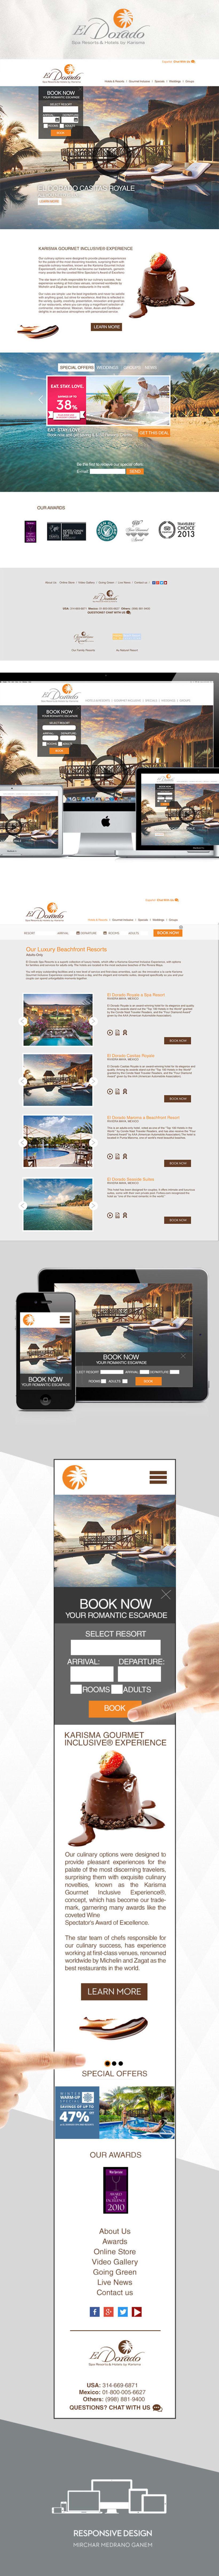 Sitio web El Dorado Spa Resorts & Hotels 0